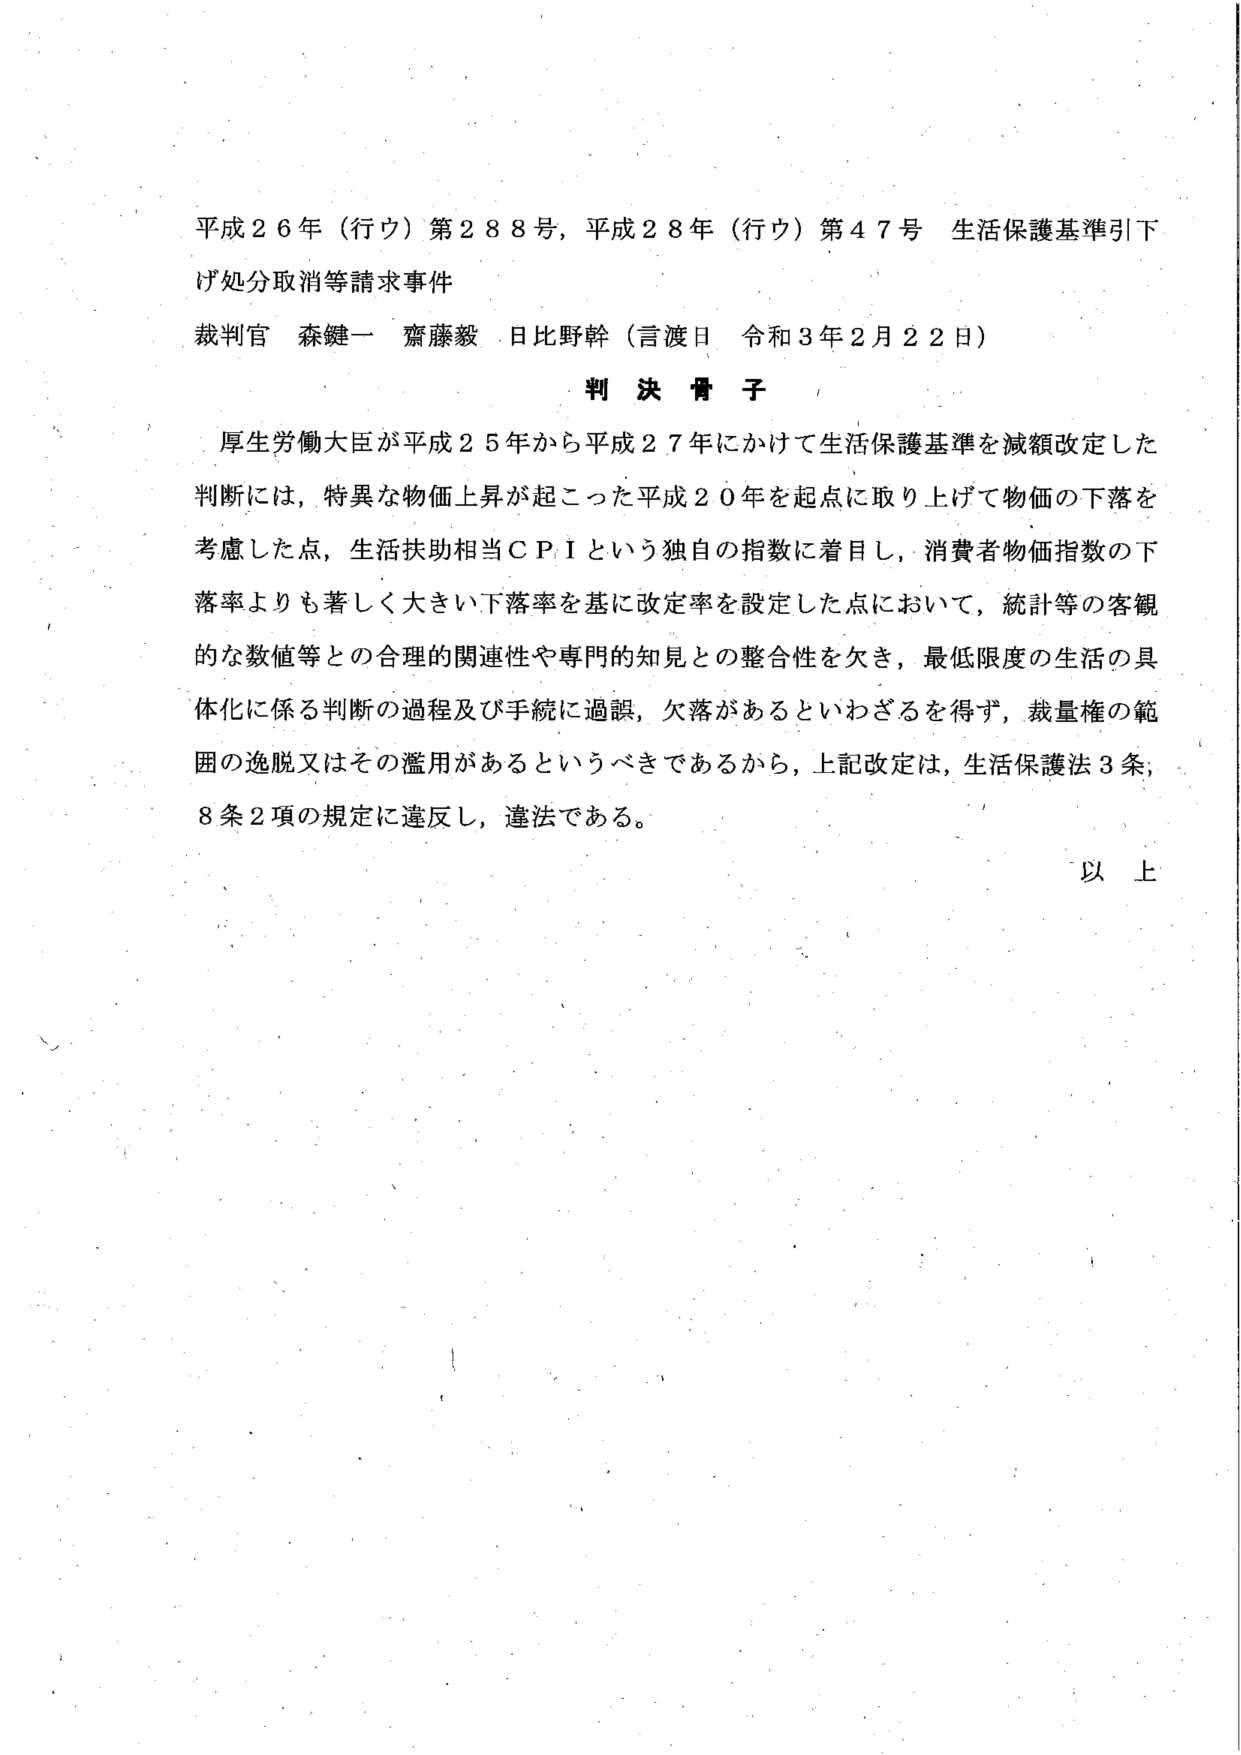 令和3年2月22日大阪地裁判決骨子